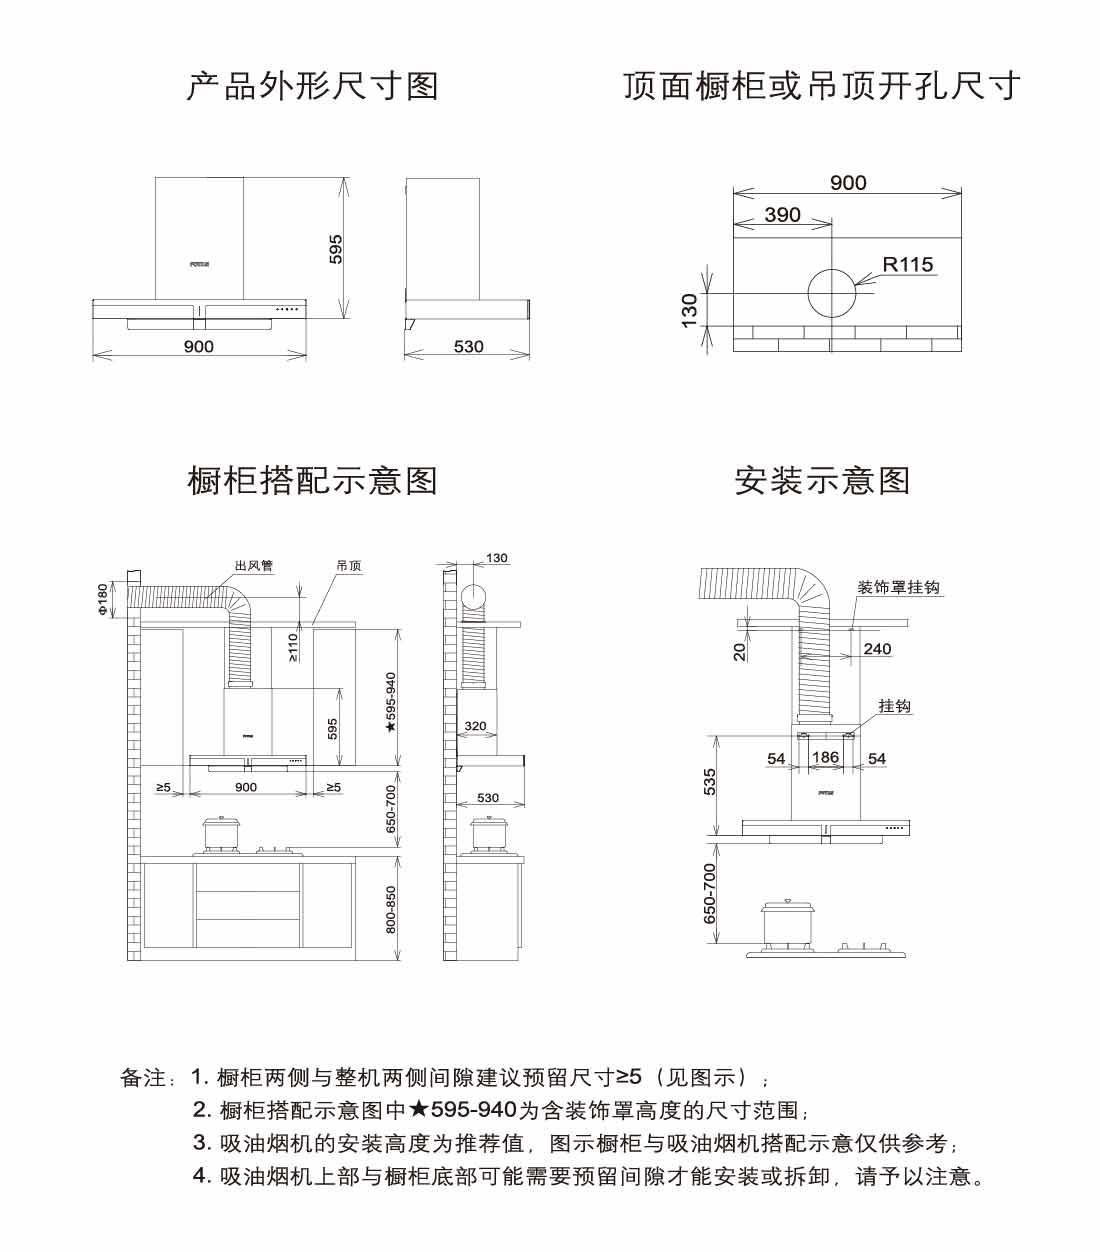 彩28彩票CXW-200-EM05装置表示图